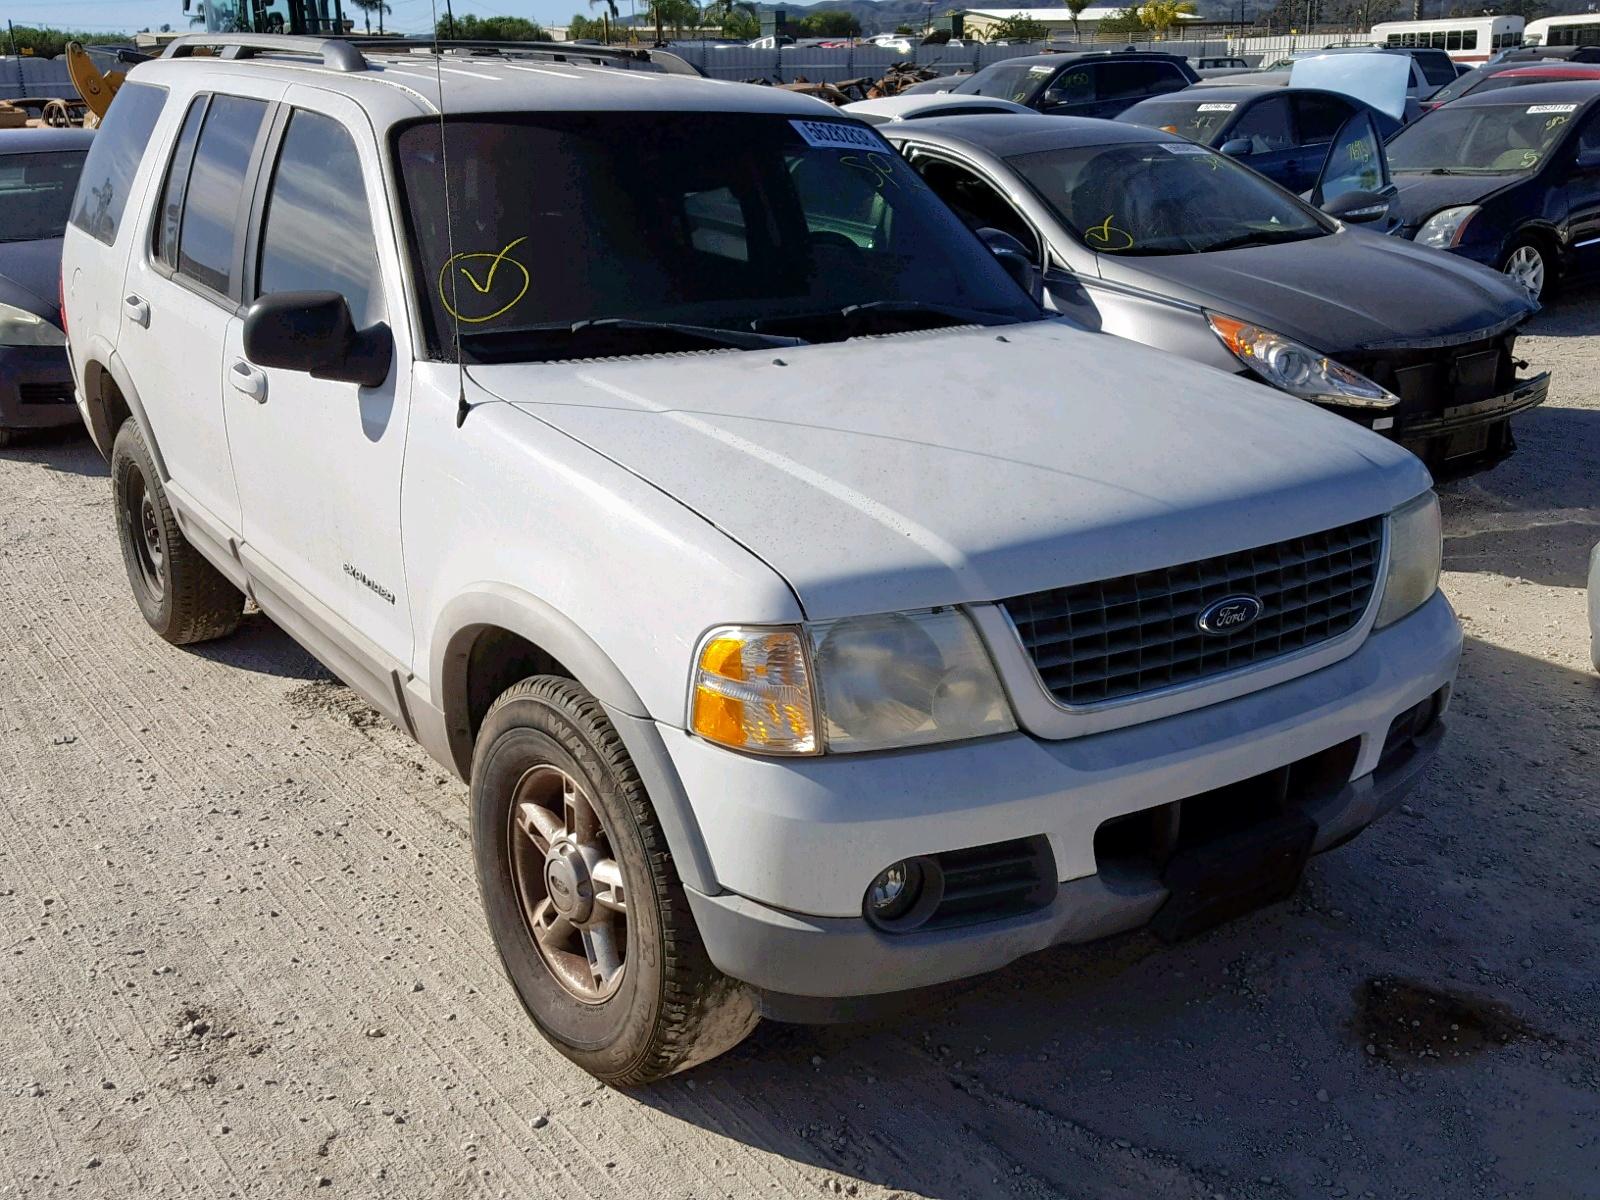 dcc8f09d78 2002 Ford Explorer X 4.6L 8 for Sale CA - Van Nuys VIN  1FMZU63W52ZC09114